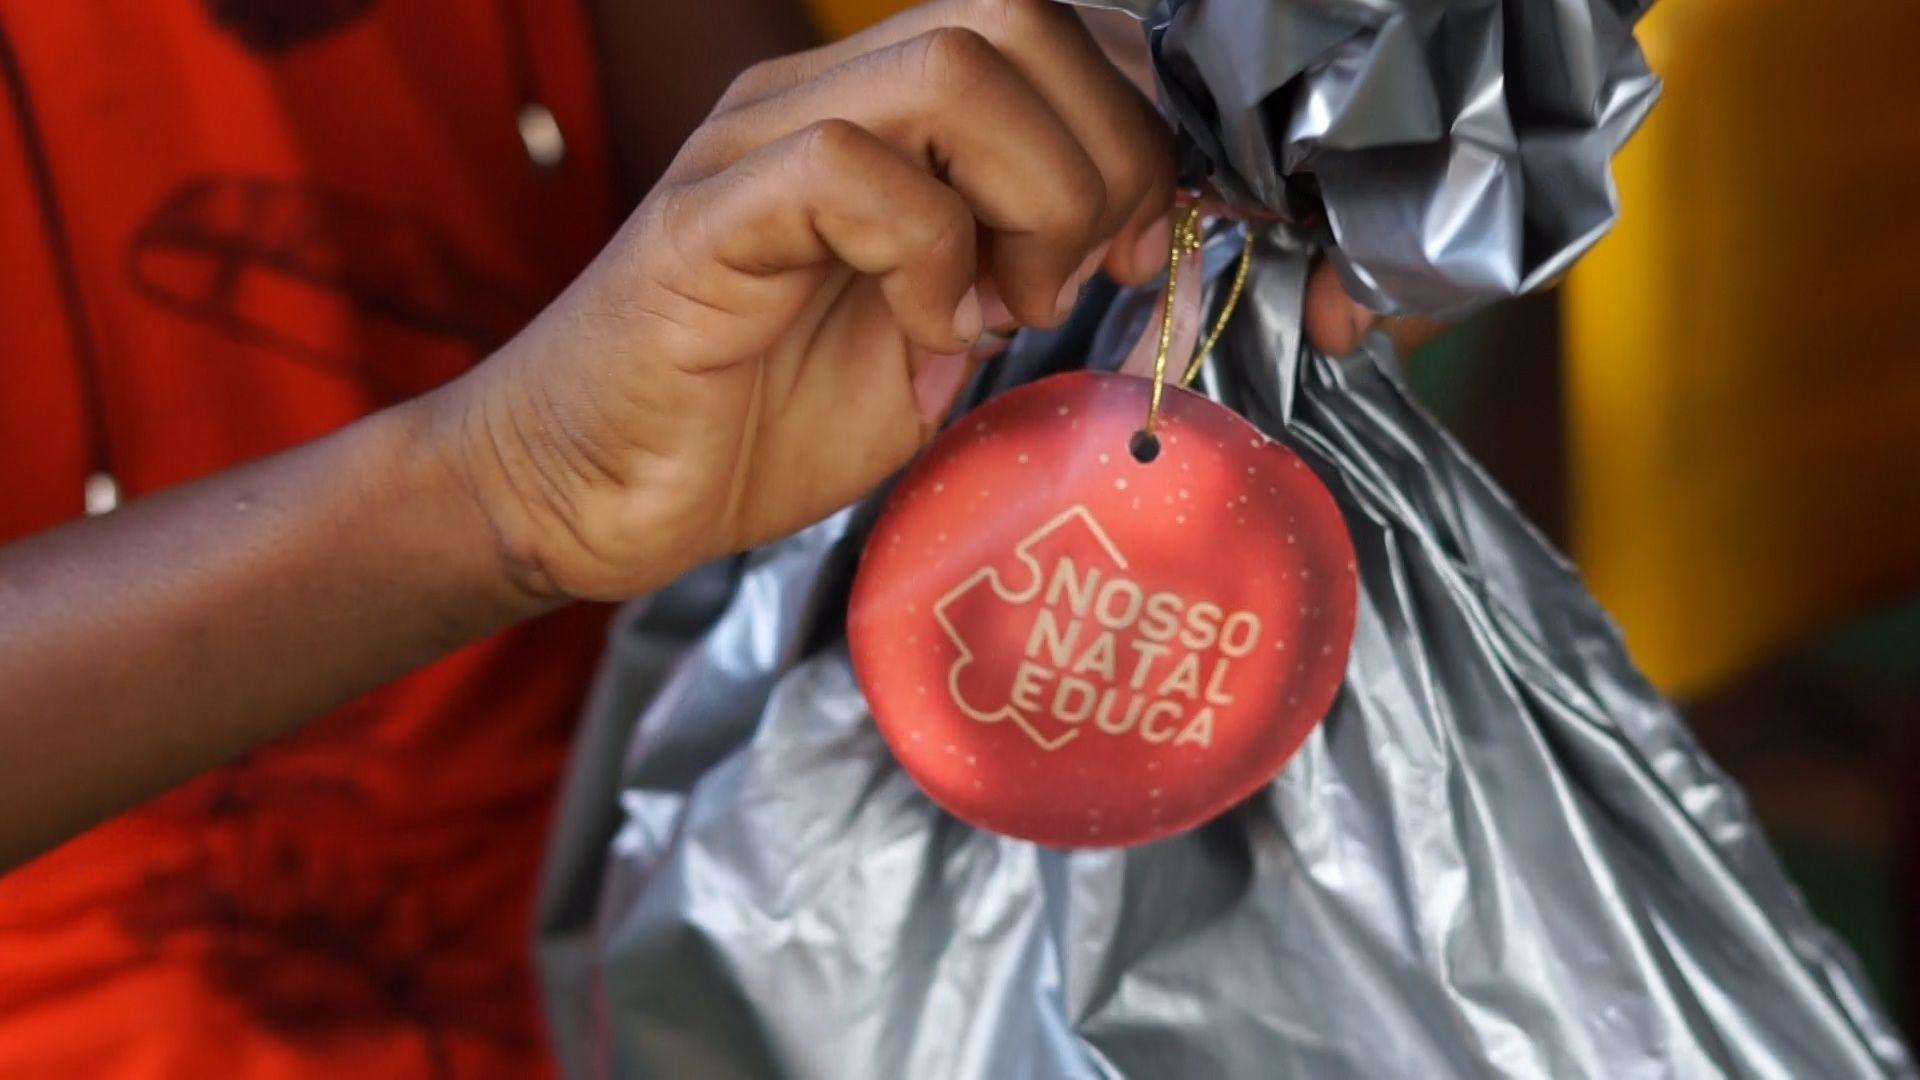 'Nosso Natal Educa': entrega de kits escolares emociona crianças e pais carentes